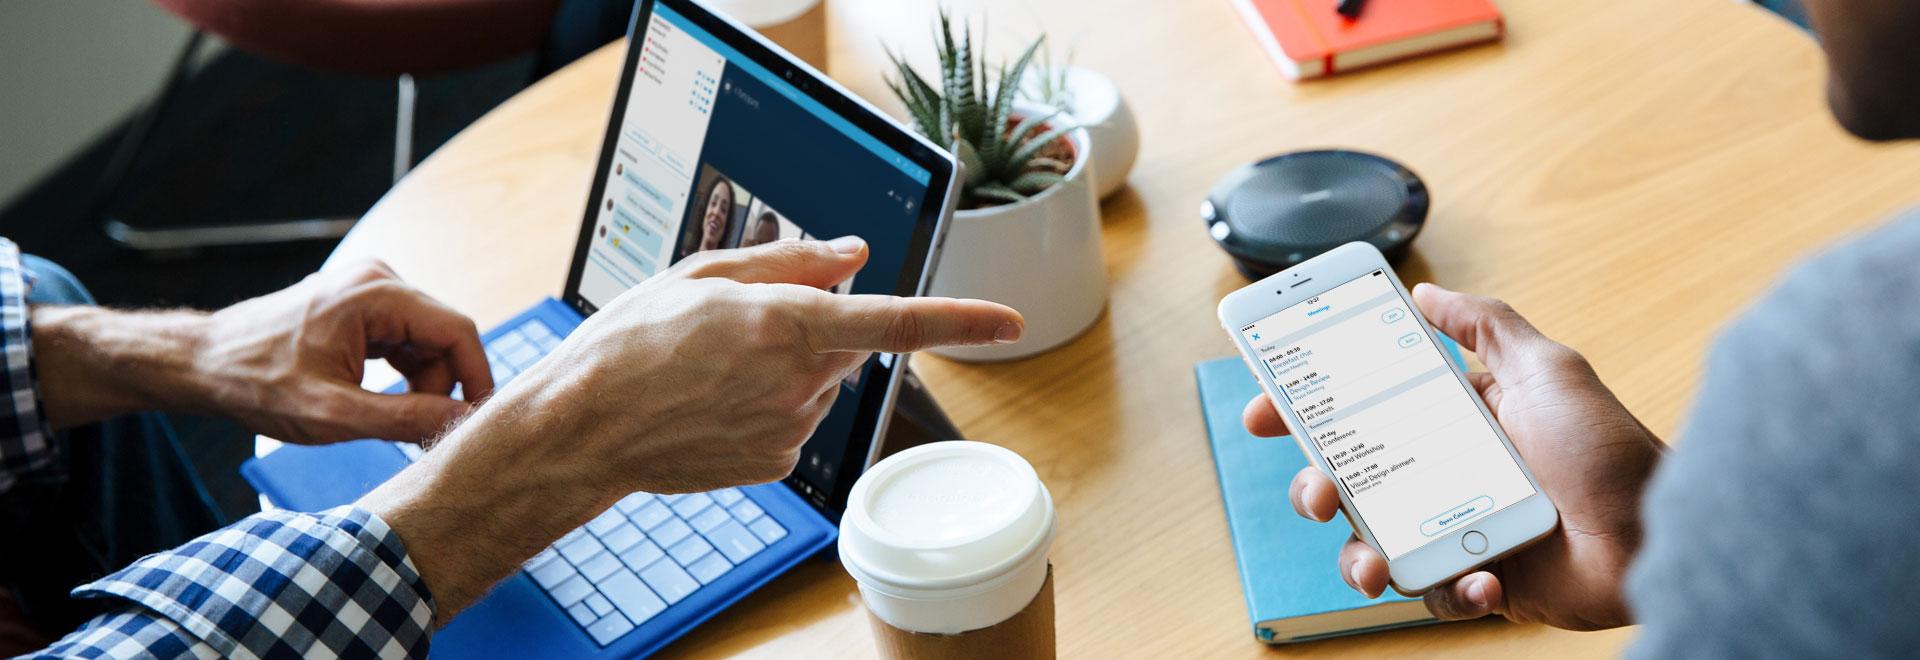 Két ember ül egy asztalnál, az egyikük telefonon, a másikuk laptopon használja a Skype Vállalati verziót